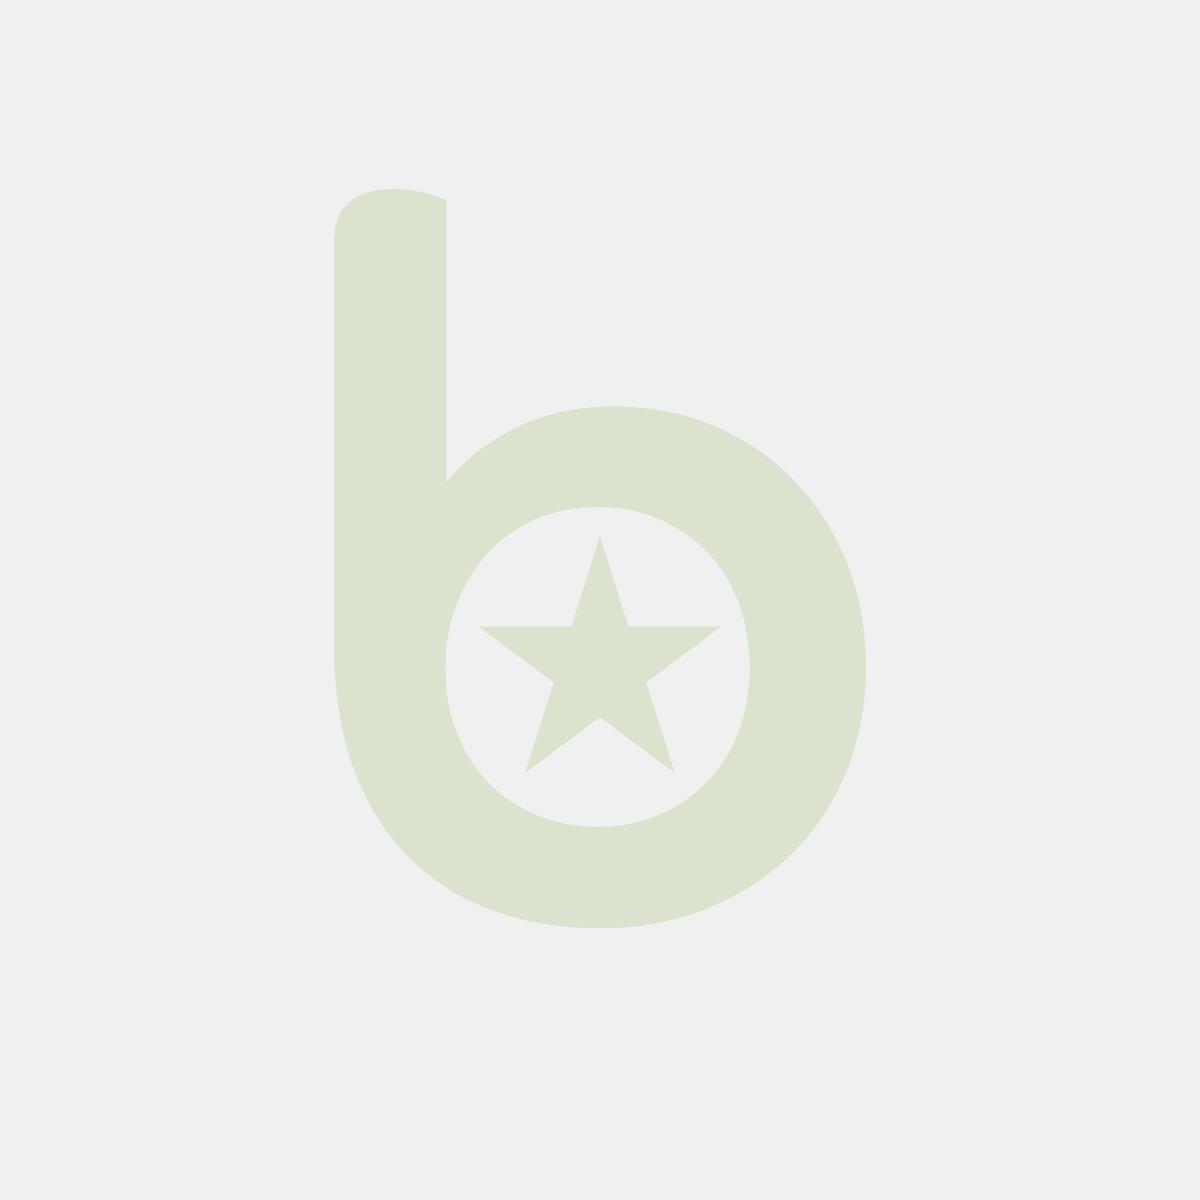 Patelnia emaliowana GN 1/1 - kod 933404